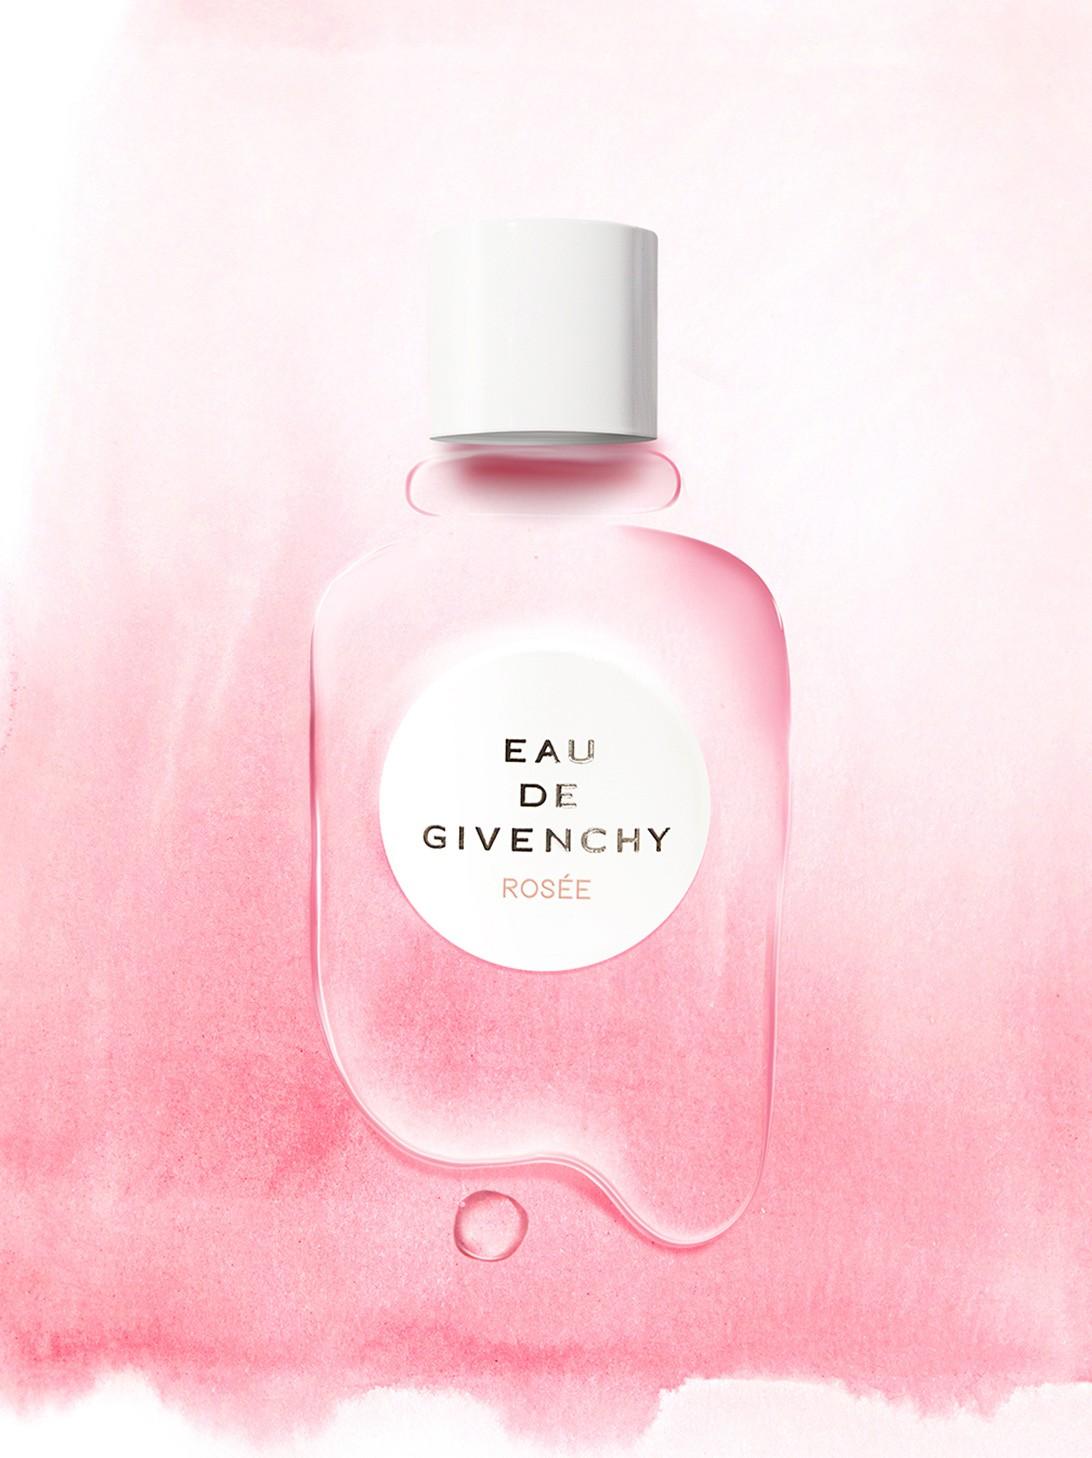 Eau • Toilette Givenchy De ∷ Rosée tCQBshrxd